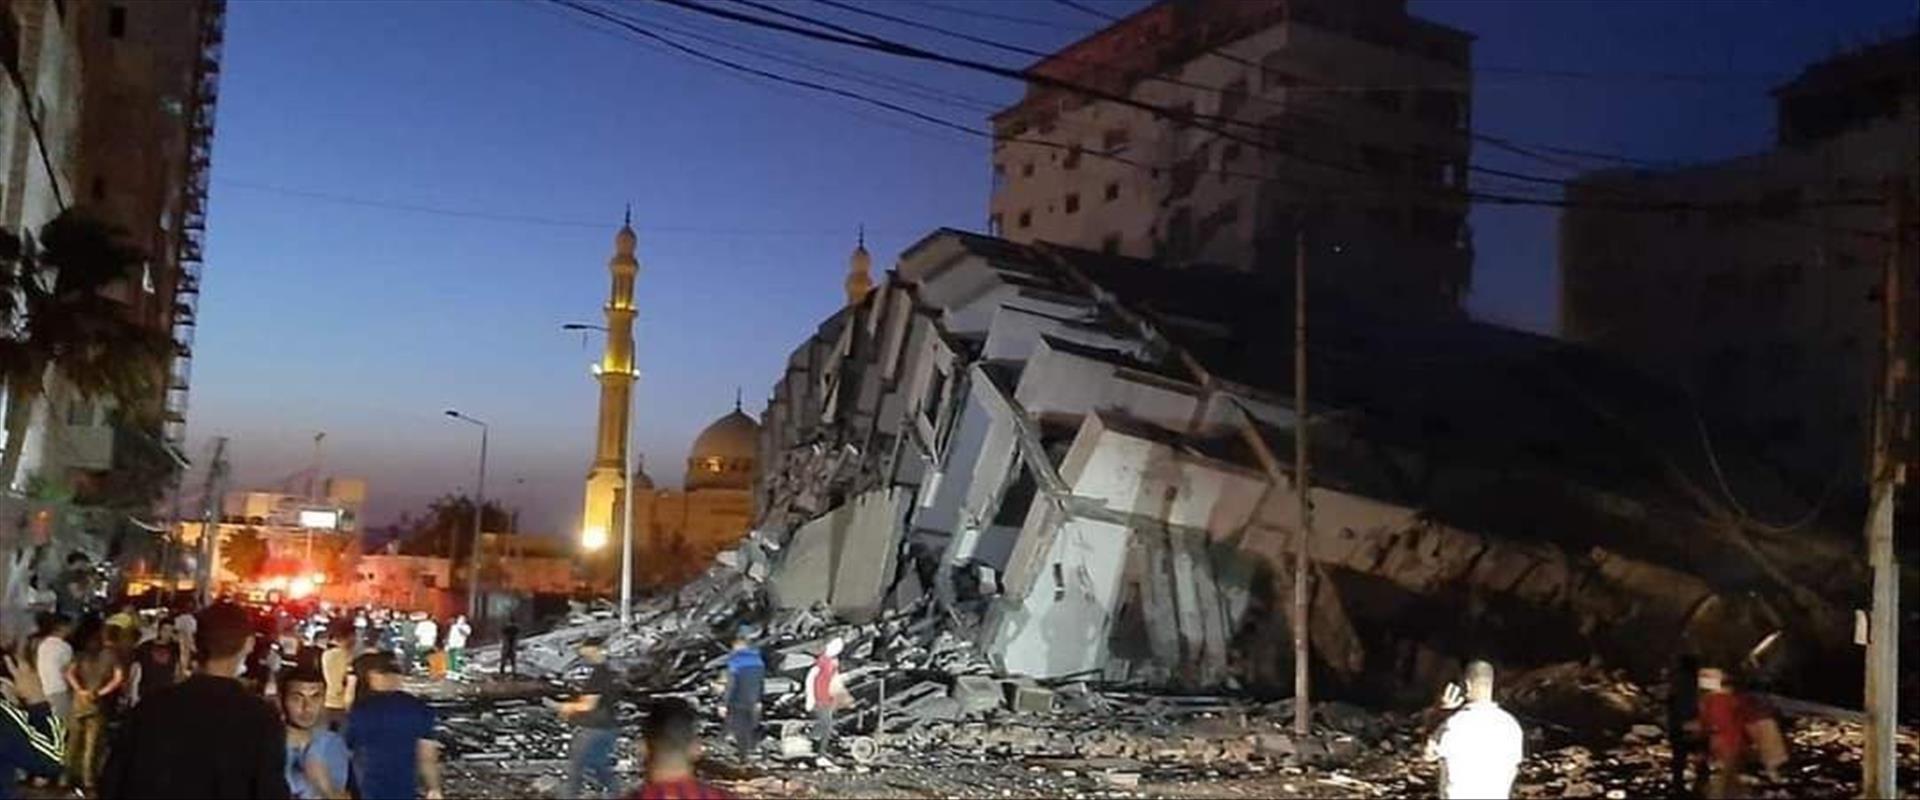 """בניין שקרס בעזה מתקיפת צה""""ל"""